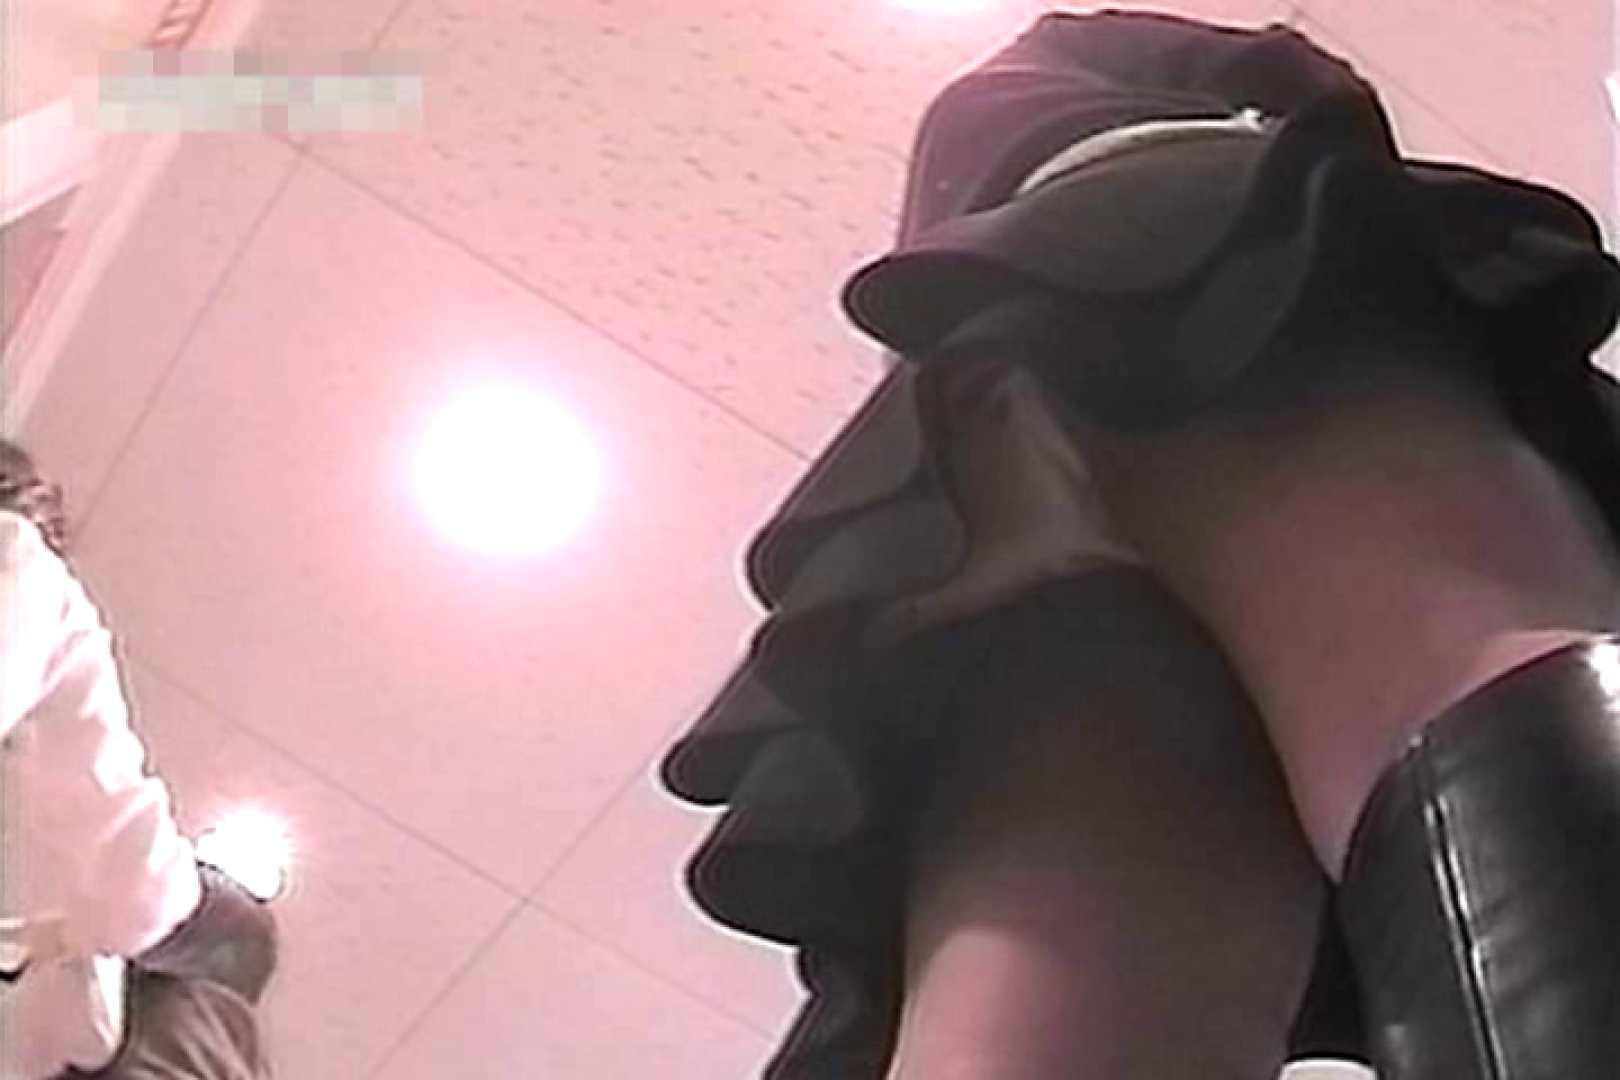 ショップ店員のパンチラアクシデント Vol.6 美しいOLの裸体 | 潜入突撃  94pic 11